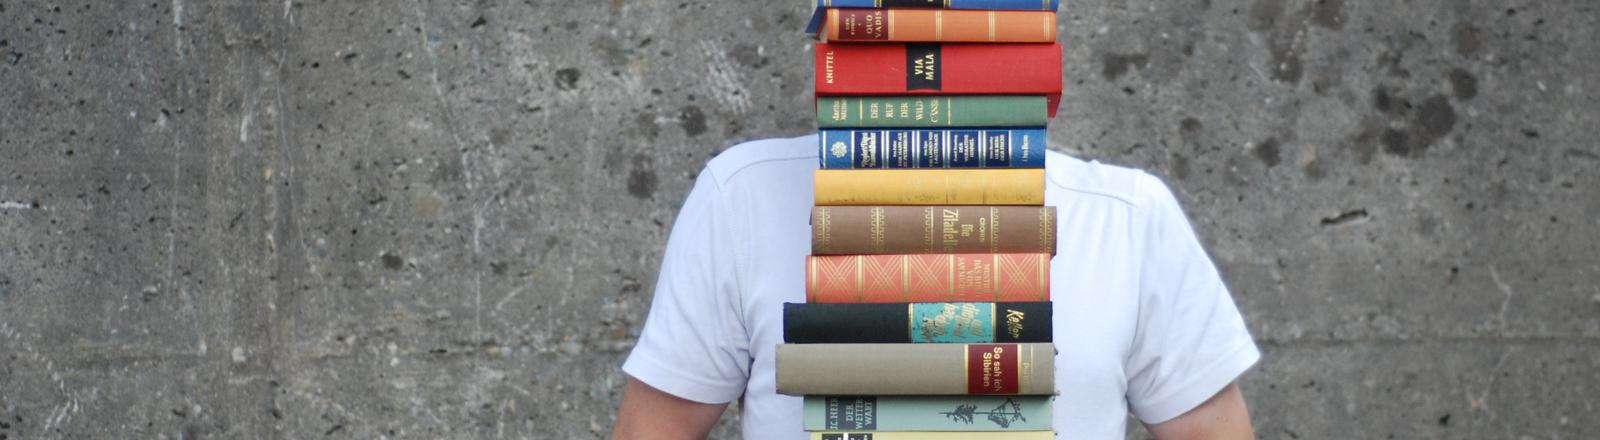 Mensch, der einen Bücherstapel trägt.